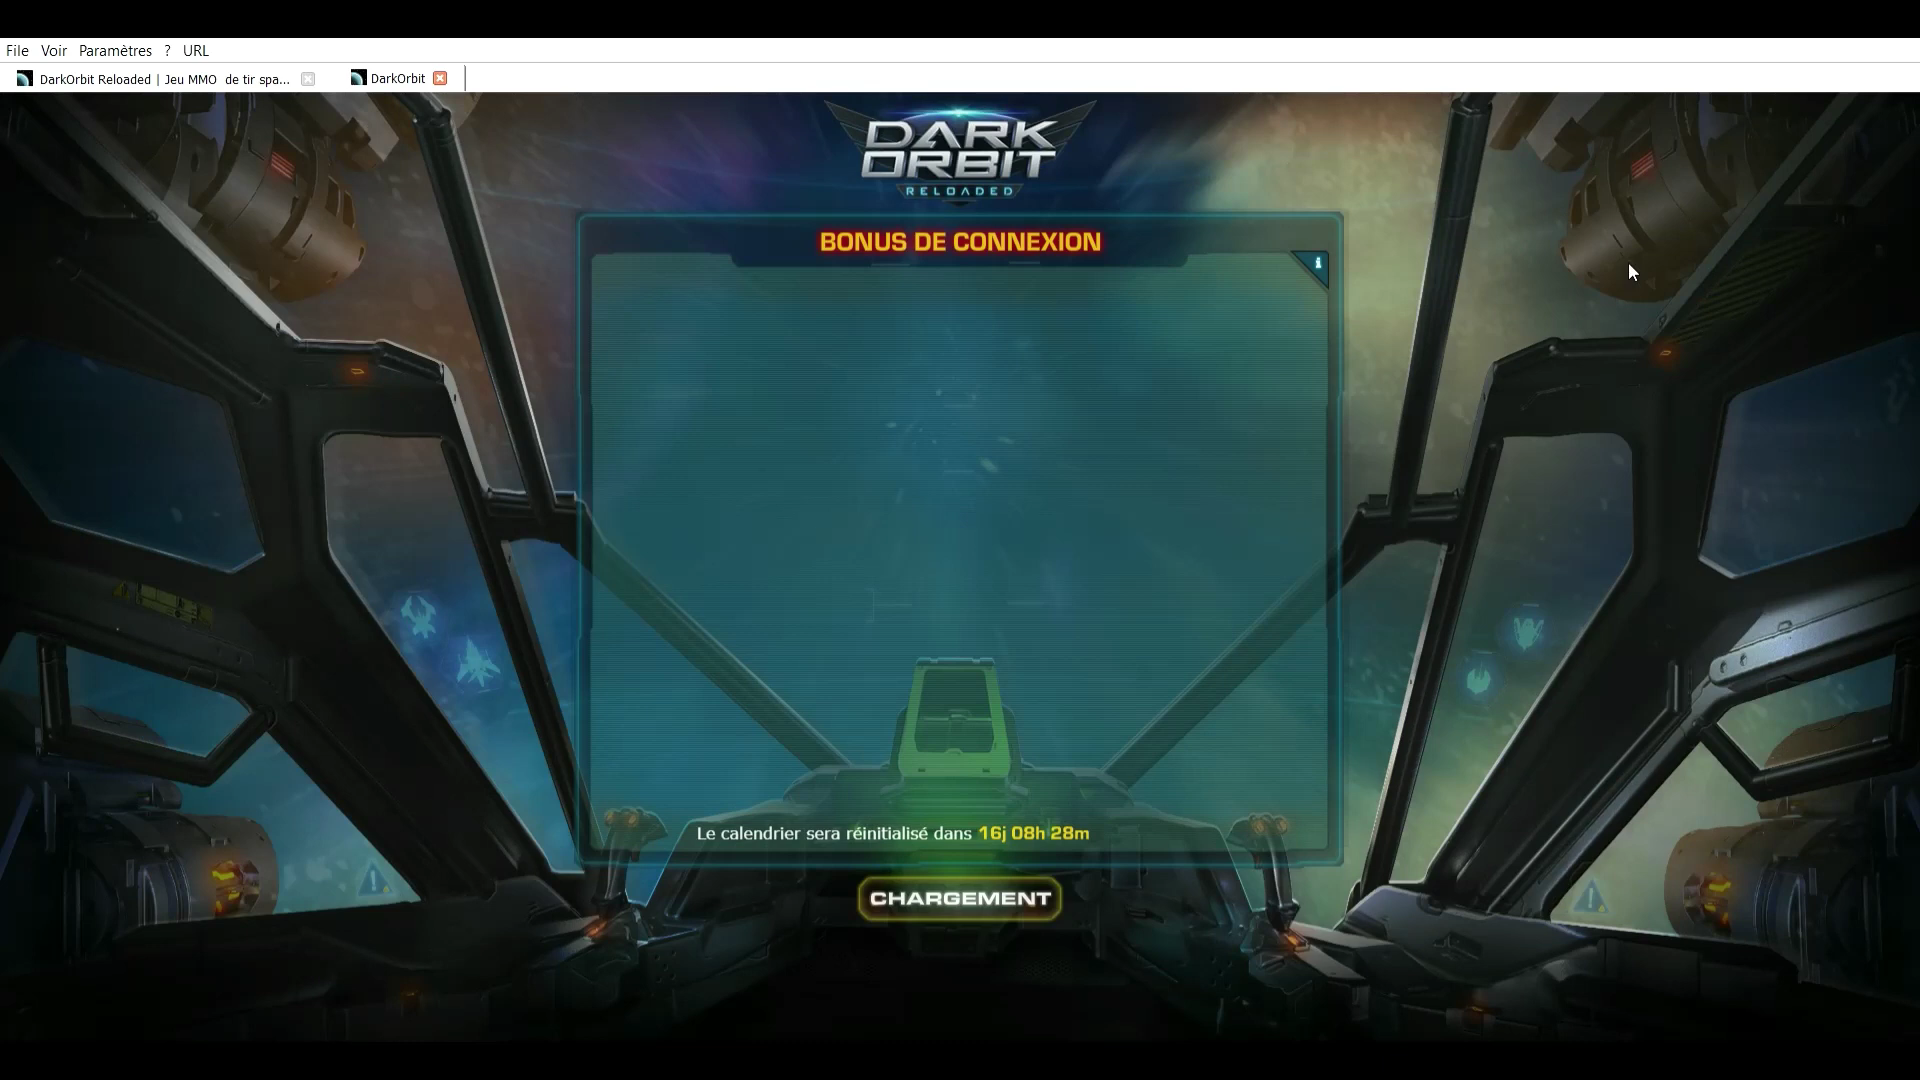 [Gaming] FR - Bienvenue à toutes et à tous - Images DarkObit